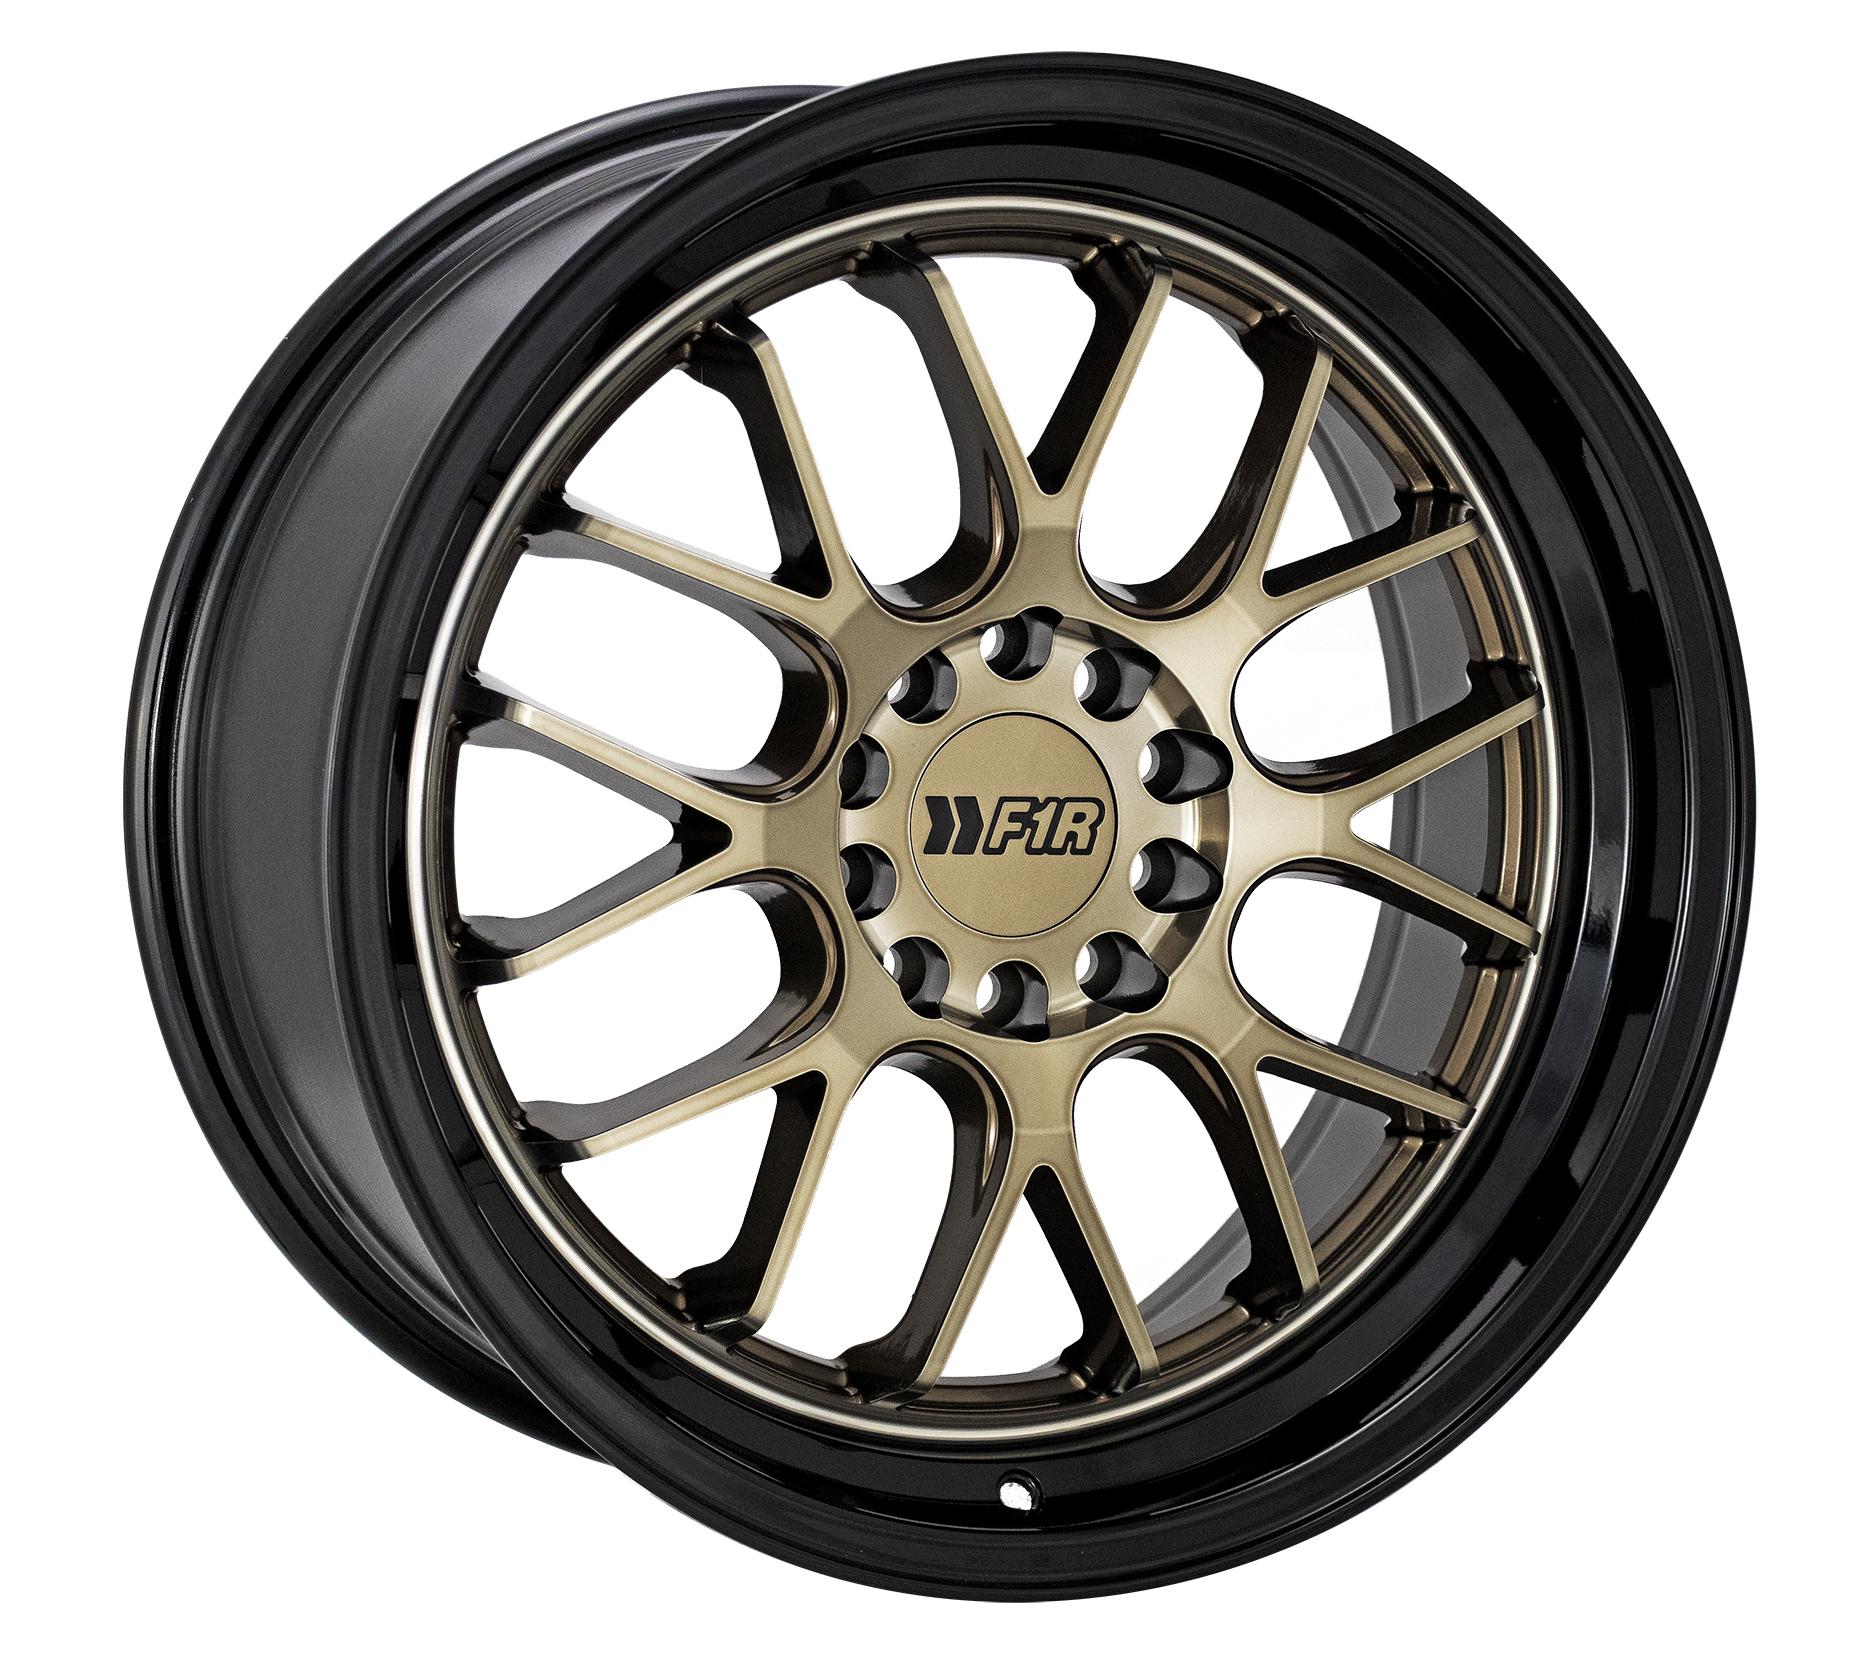 F1R Wheels F21 v2 Light Alloy Wheels